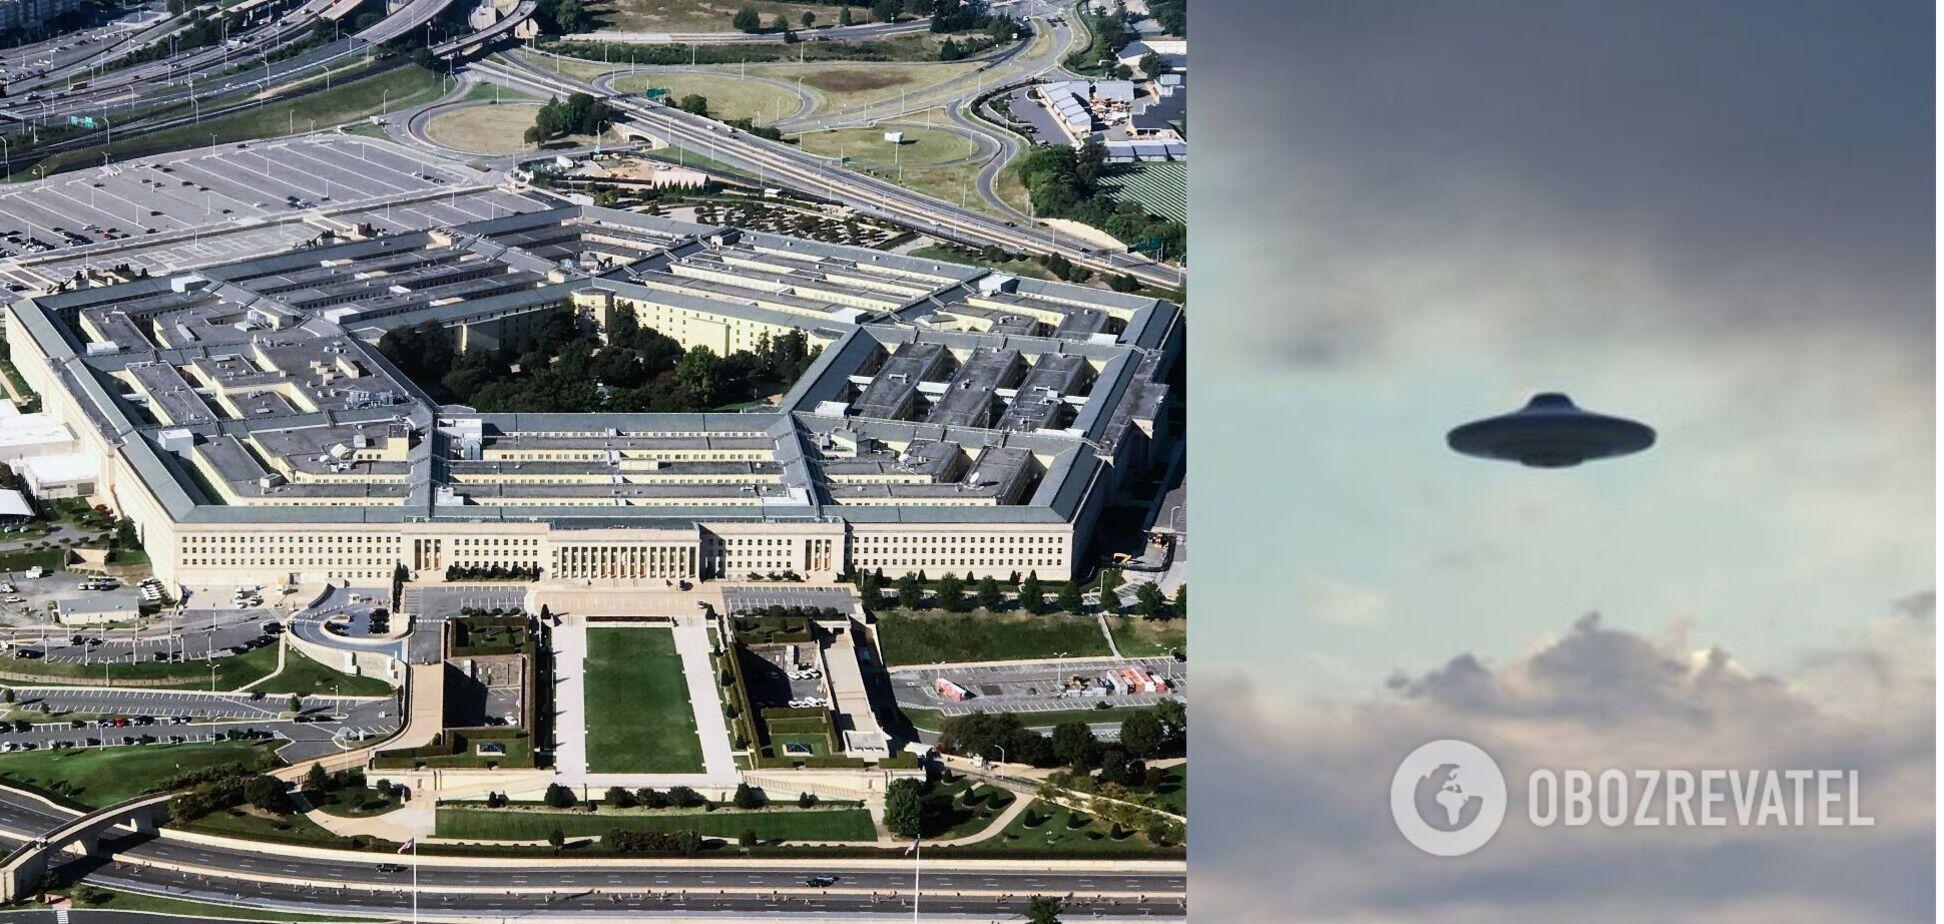 У Пентагона есть четкие кадры НЛО: инсайдер выступил с заявлением и рассказал об увиденном